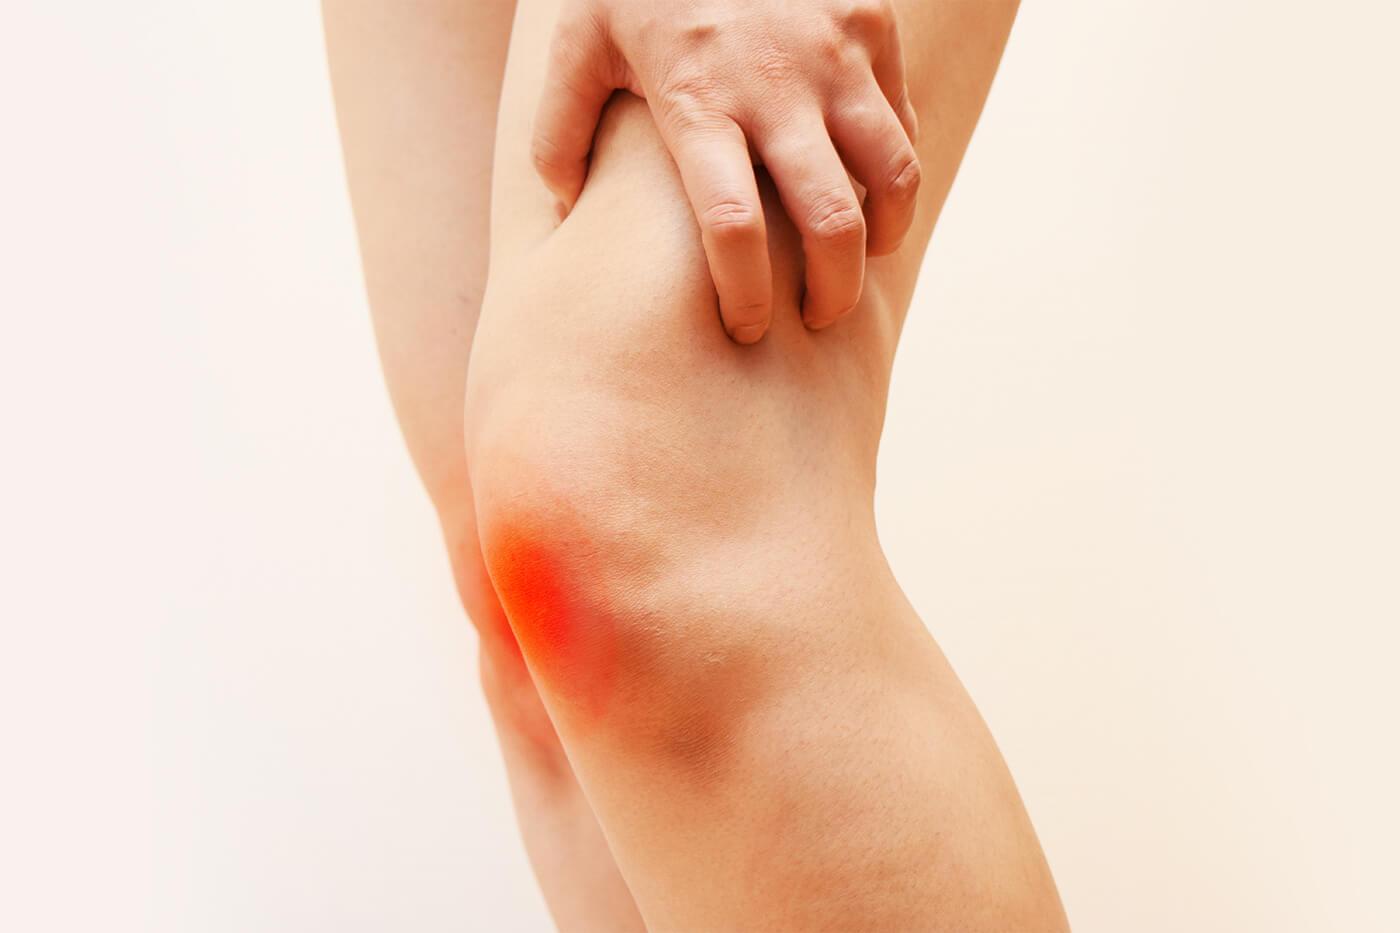 Quando allungo la gamba mi fa male la parte posteriore del ginocchio, la contusione